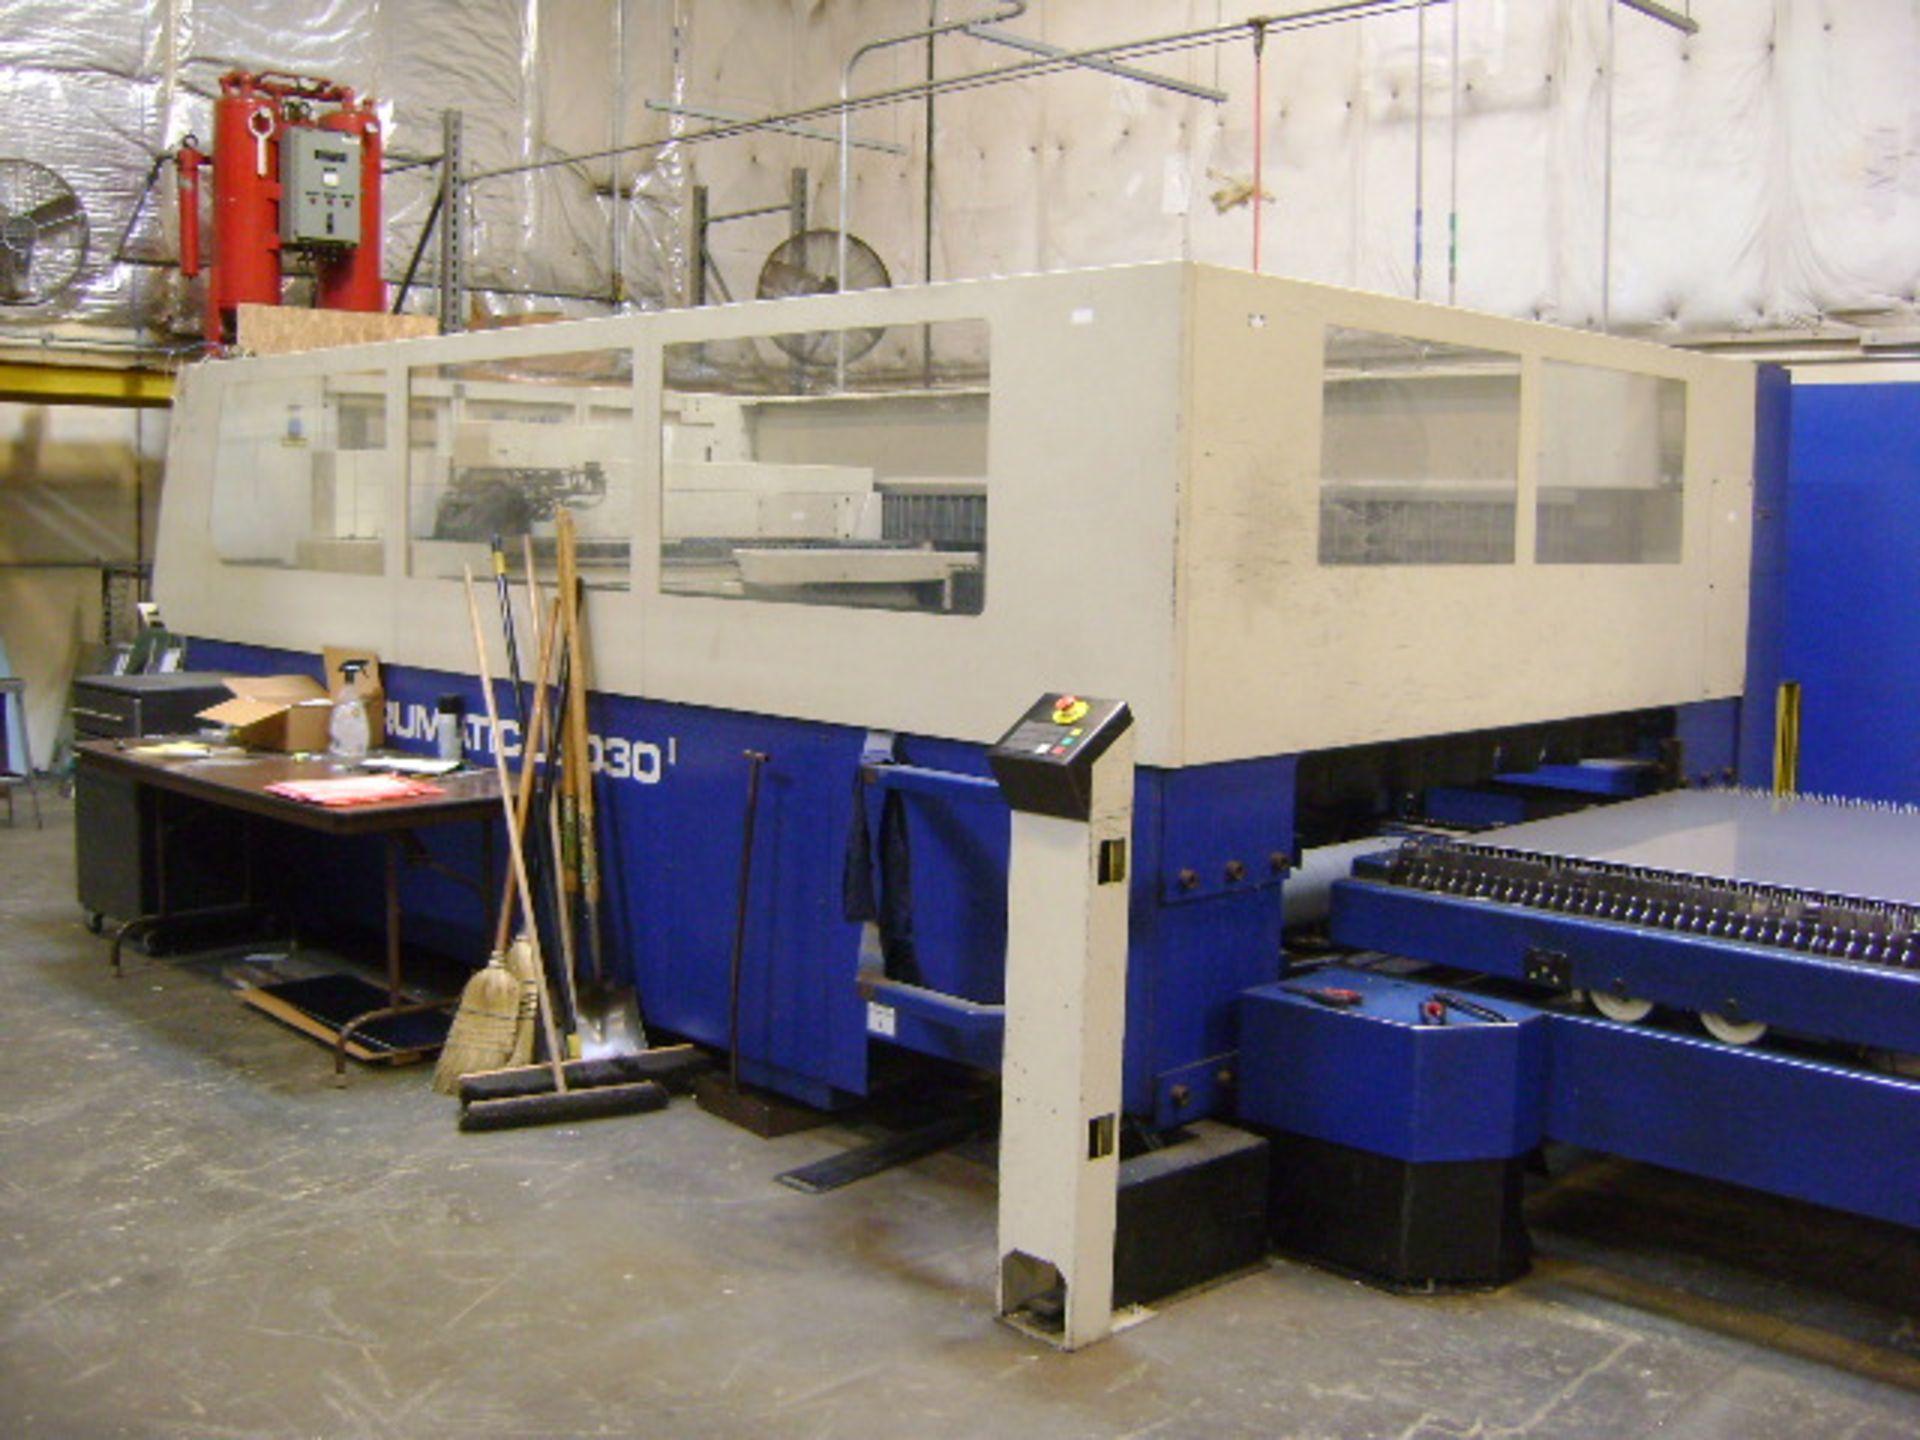 Trumpf Trumatic L3030 CNC Laser - Image 2 of 6